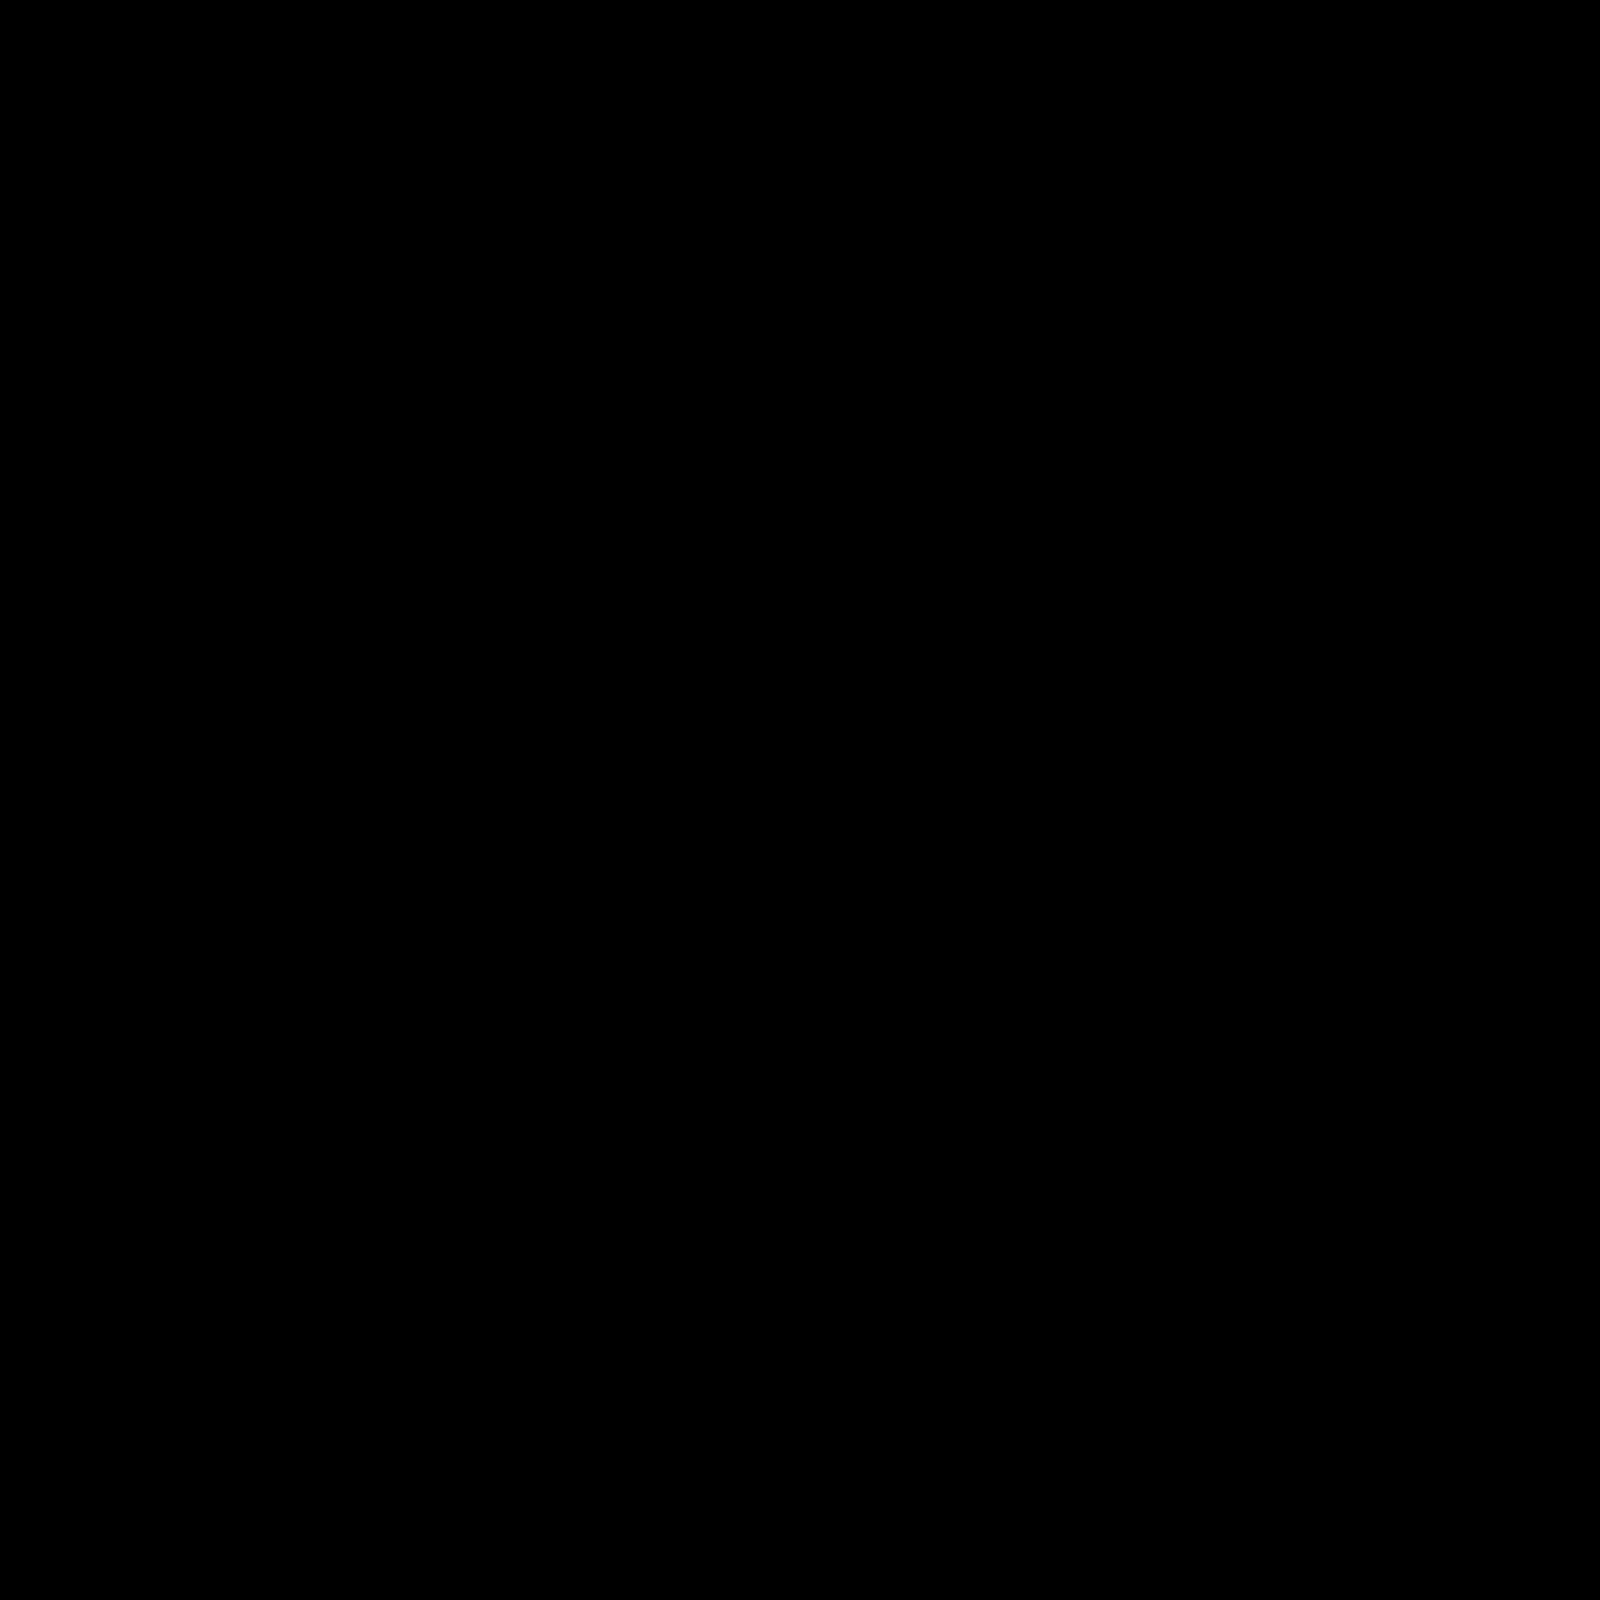 Macchina da cucire icon